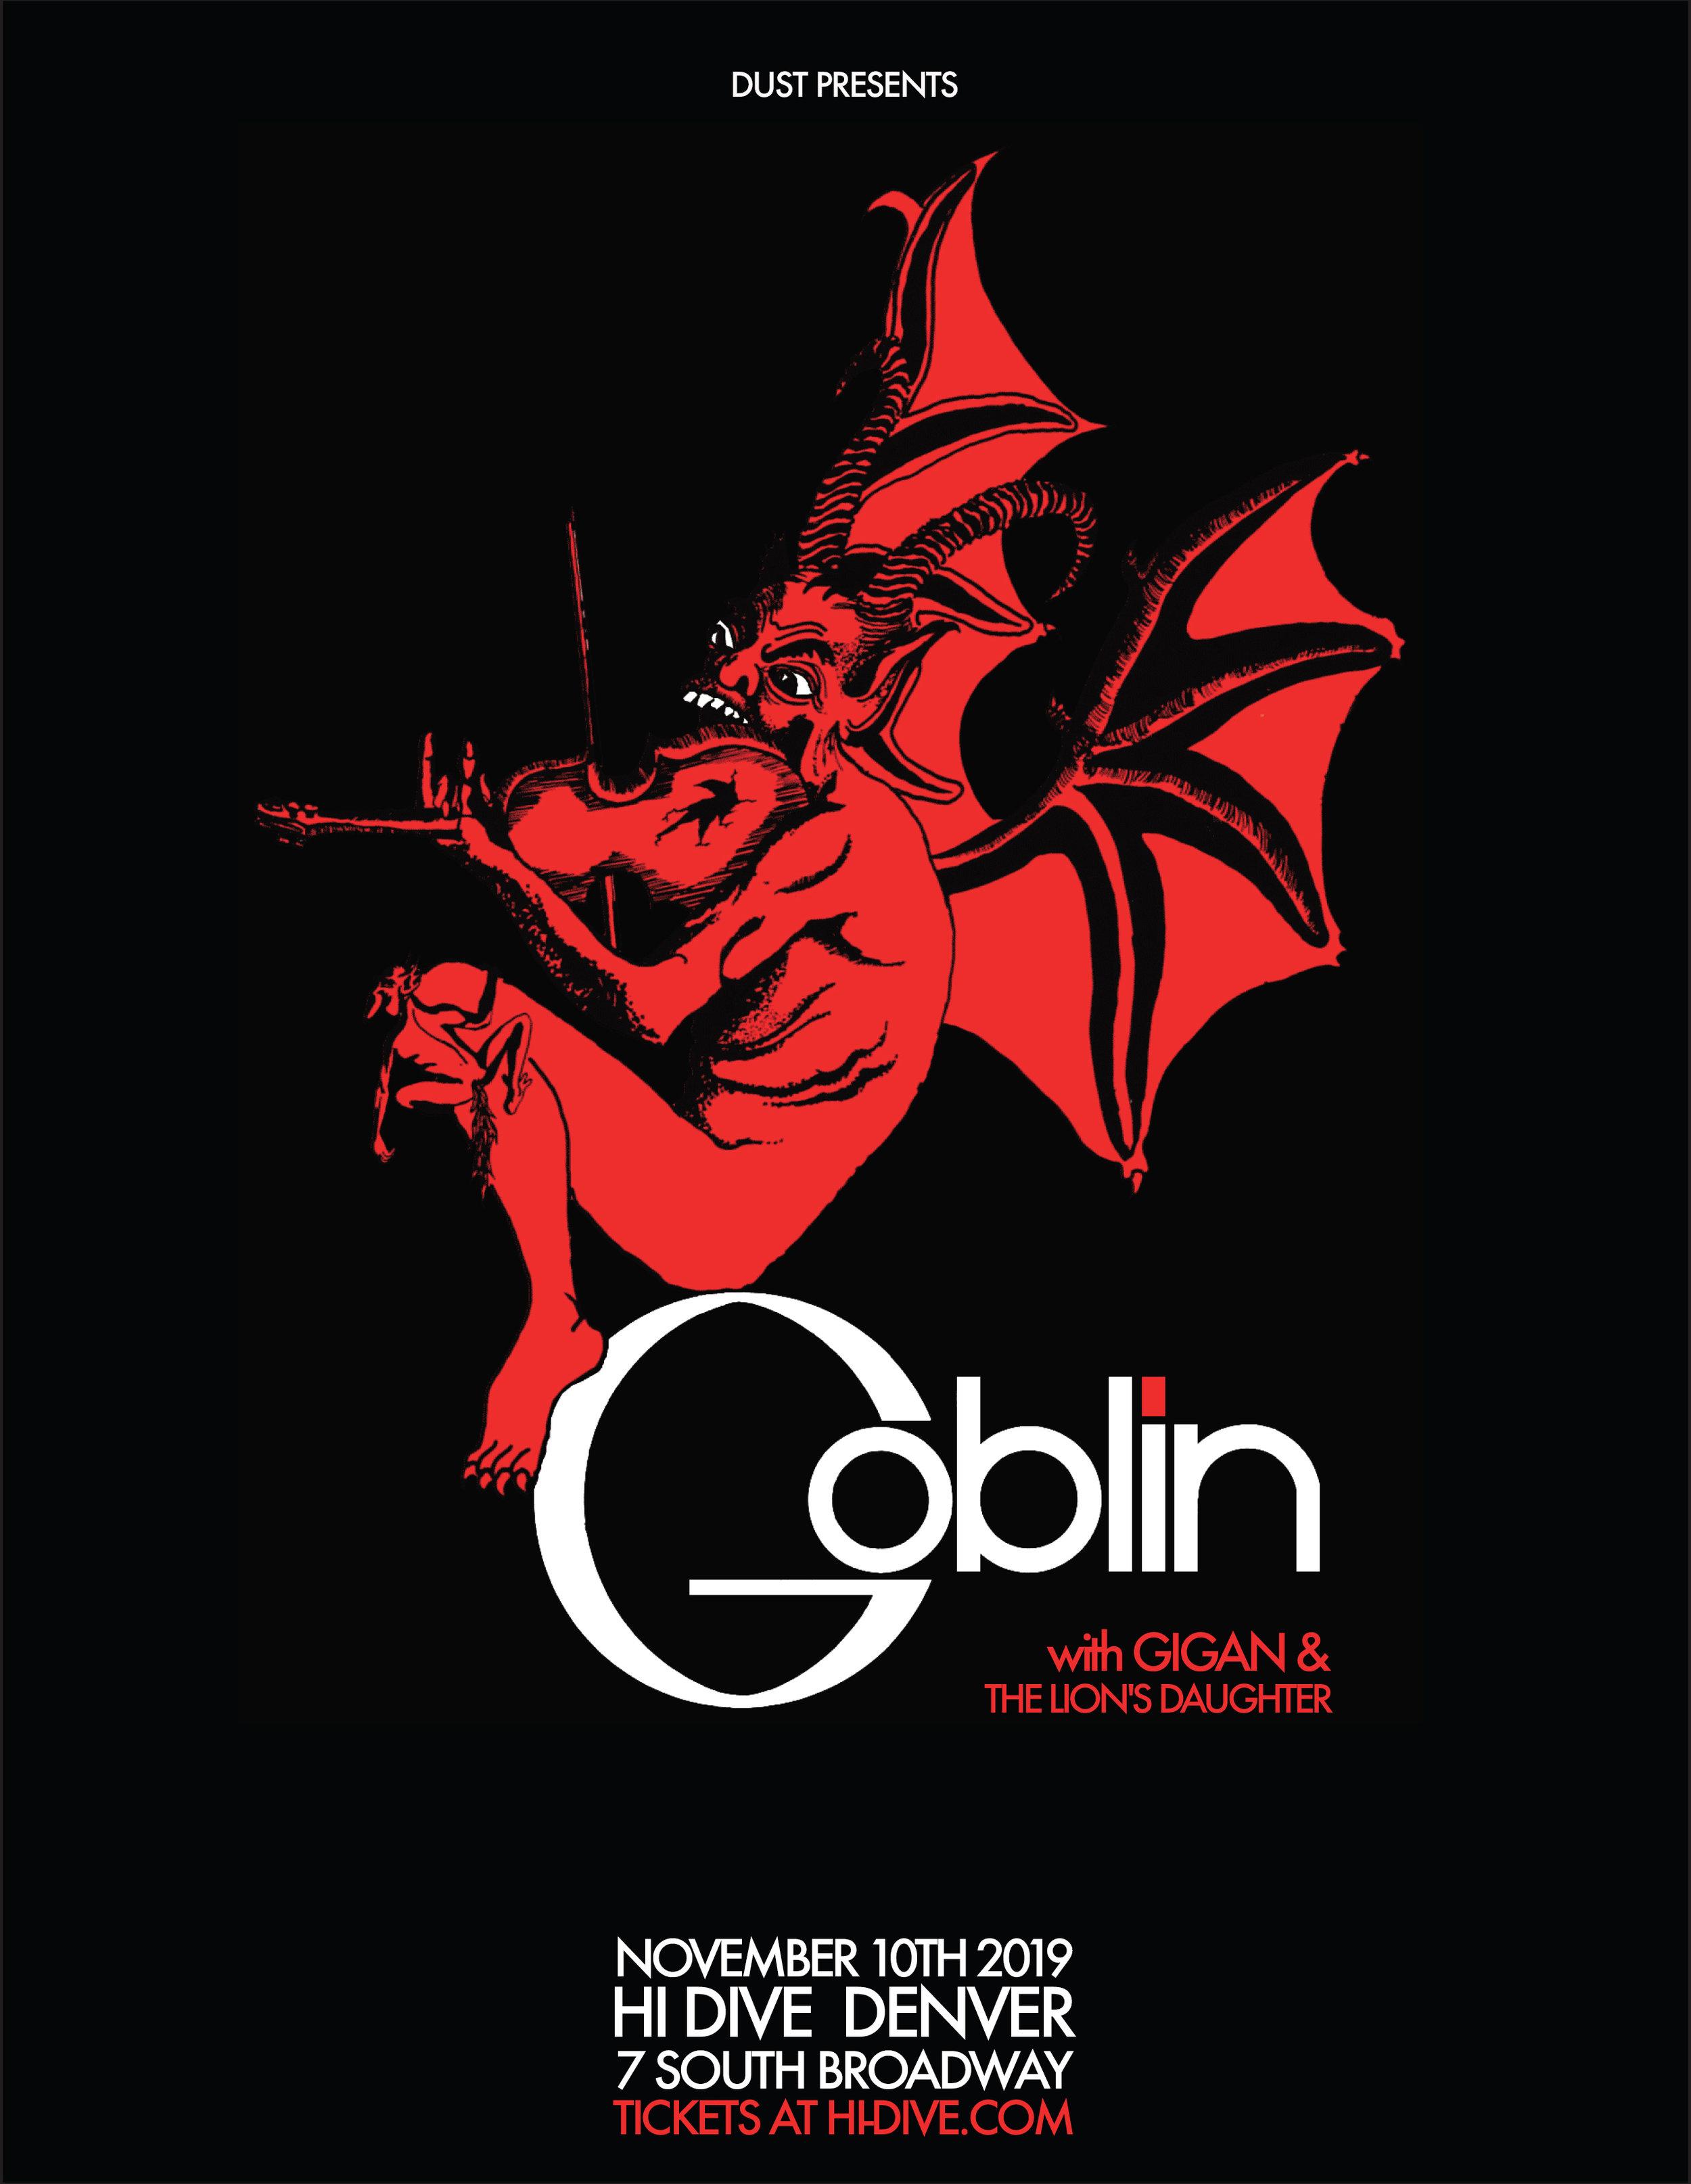 Goblinflier_Nov10.jpg